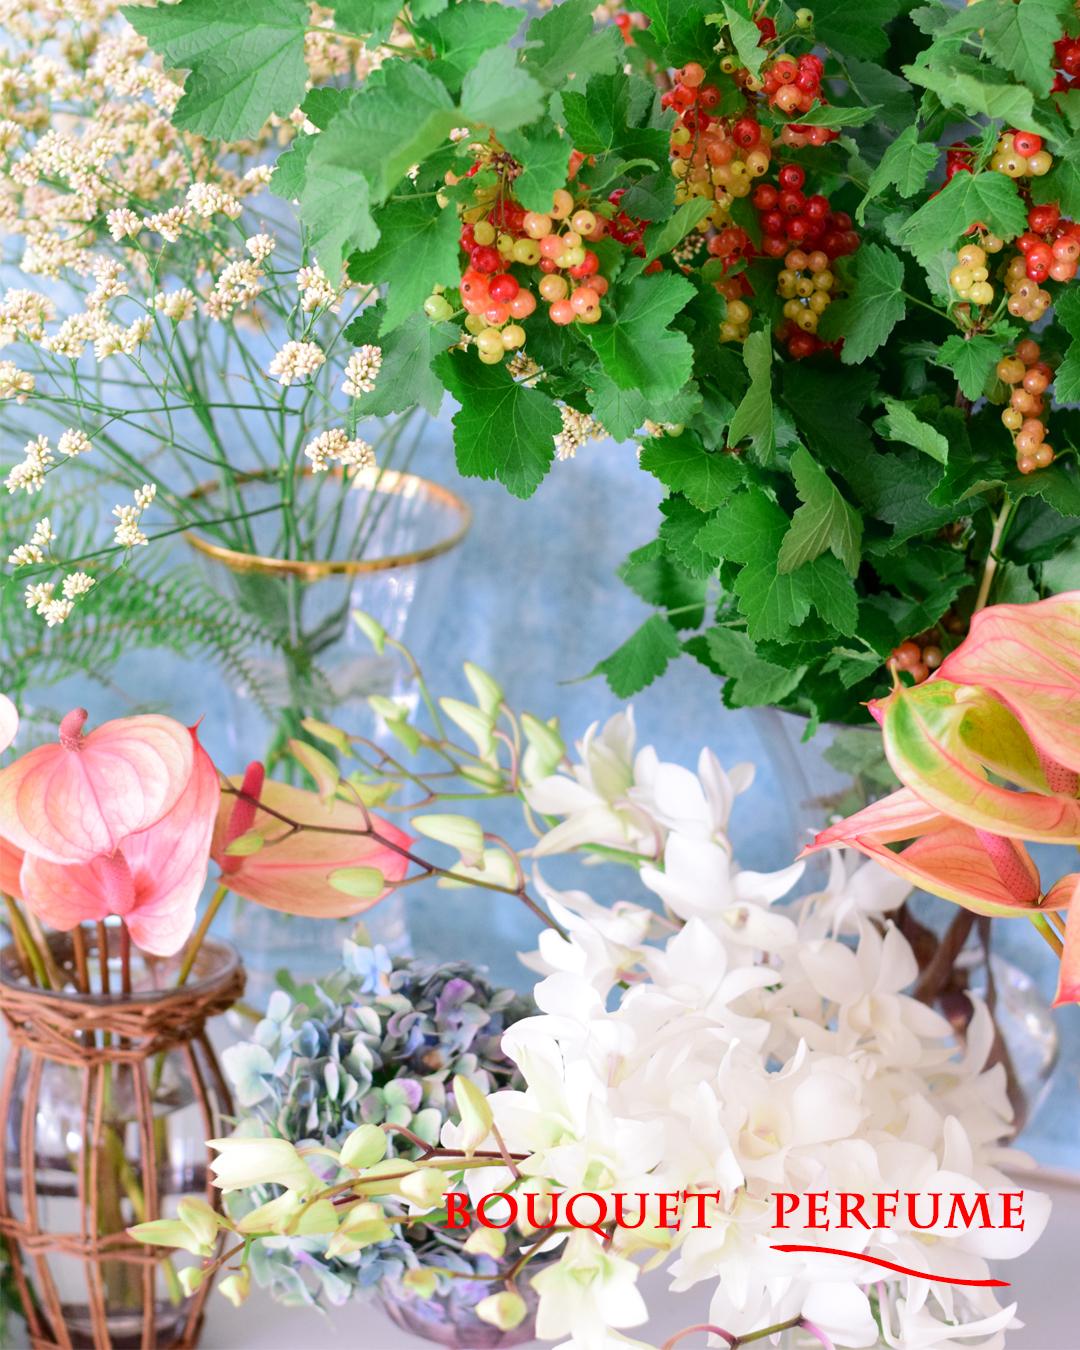 夏の花 アンスリウム フサスグリ 房すぐり ピンクの花 赤い実